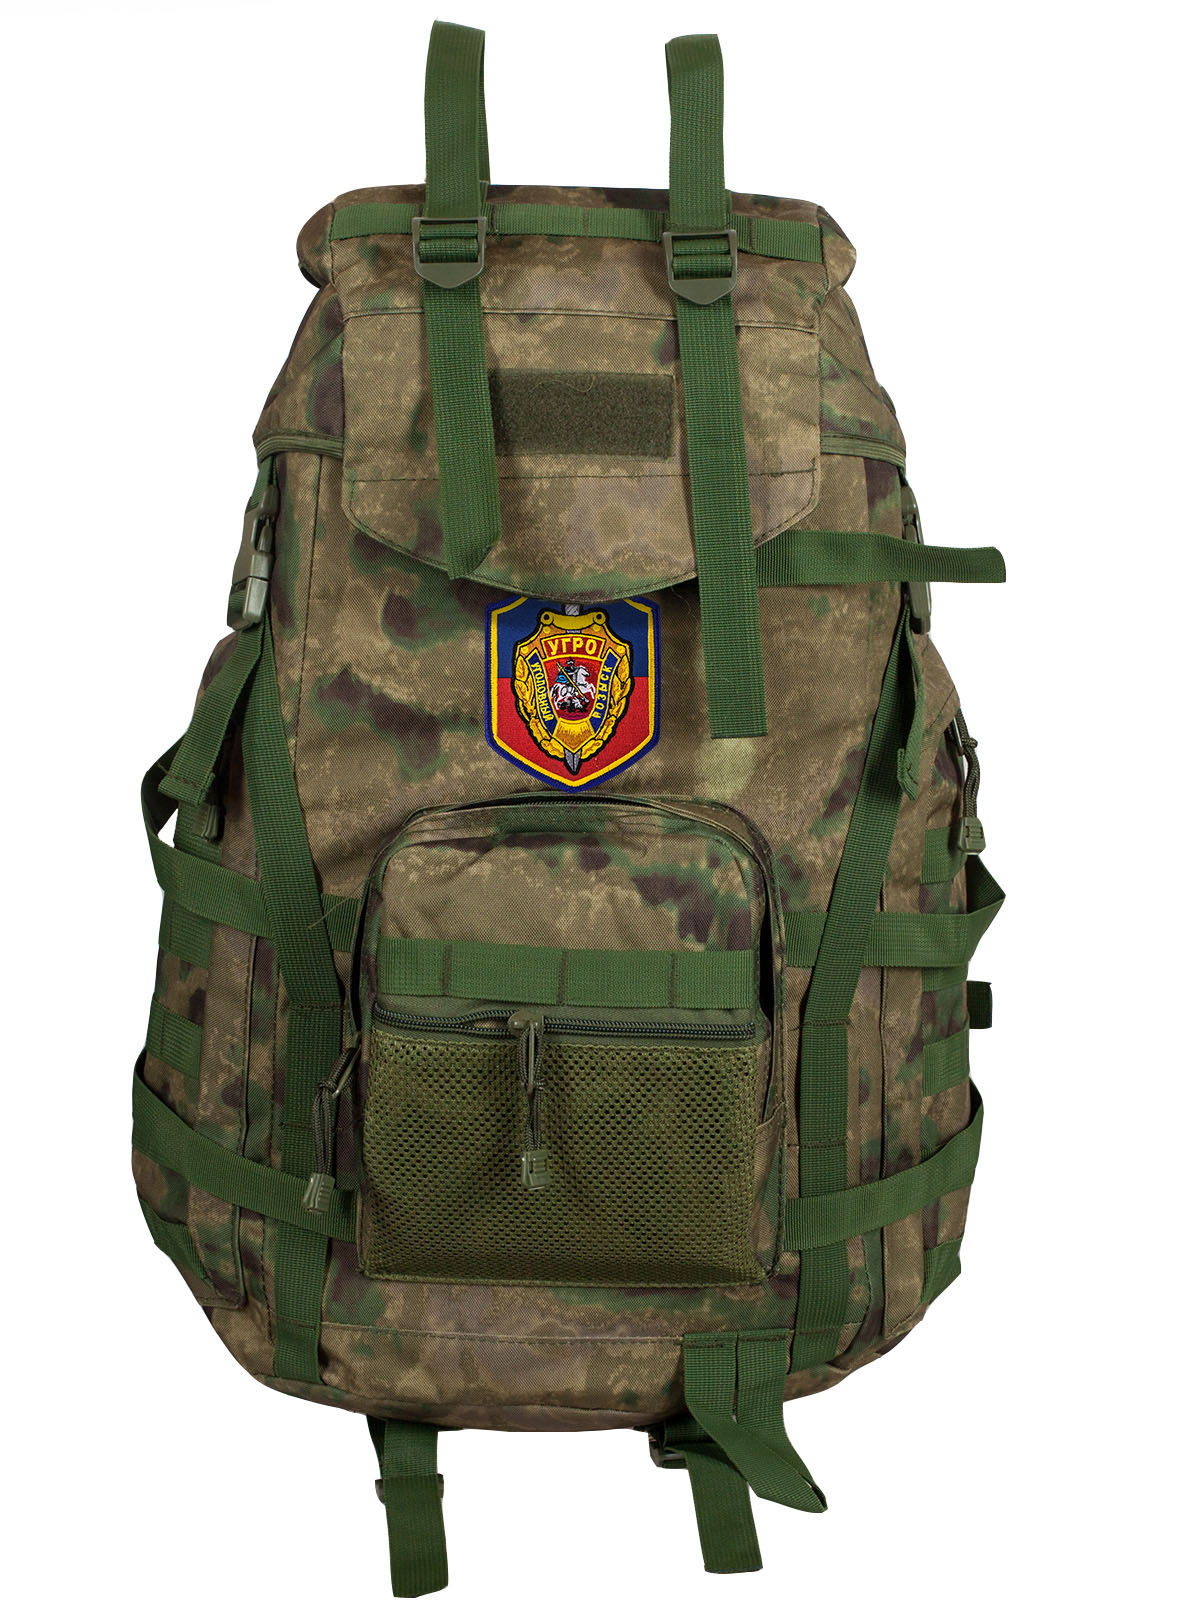 Армейский тактический рюкзак MultiCam A-TACS FG УГРО - заказать с доставкой